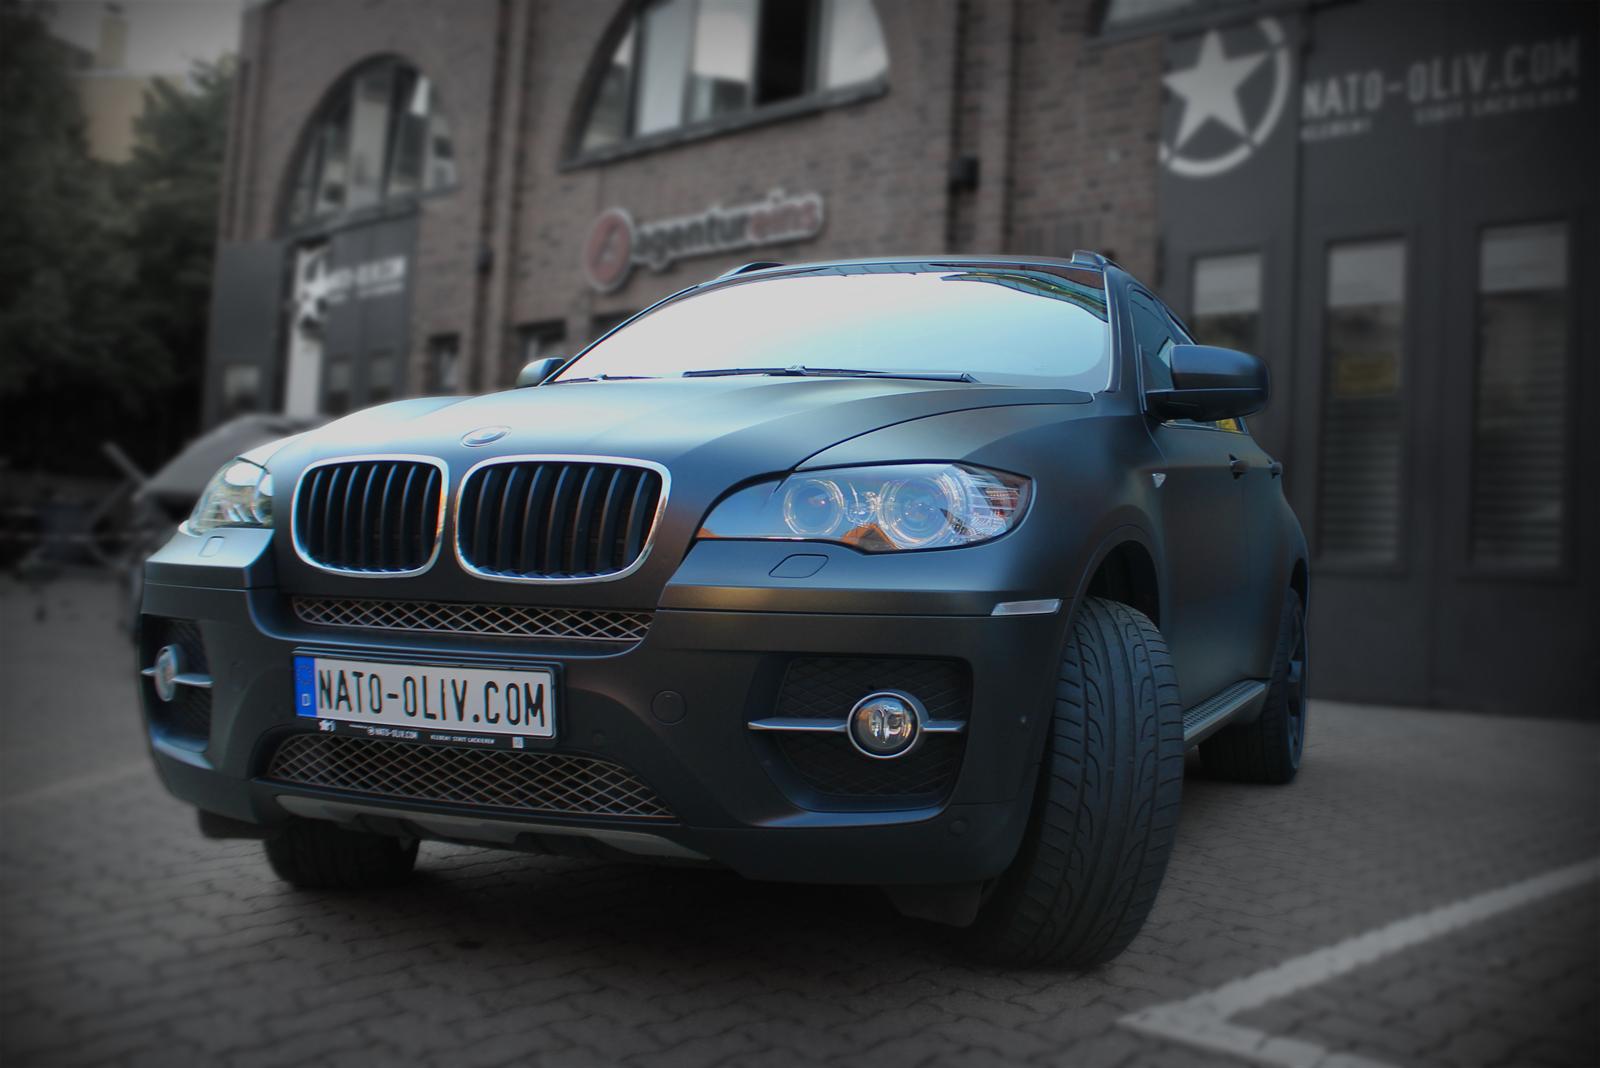 BMW_X6_Folierung_schwarz_metallic_matt_Titelbild